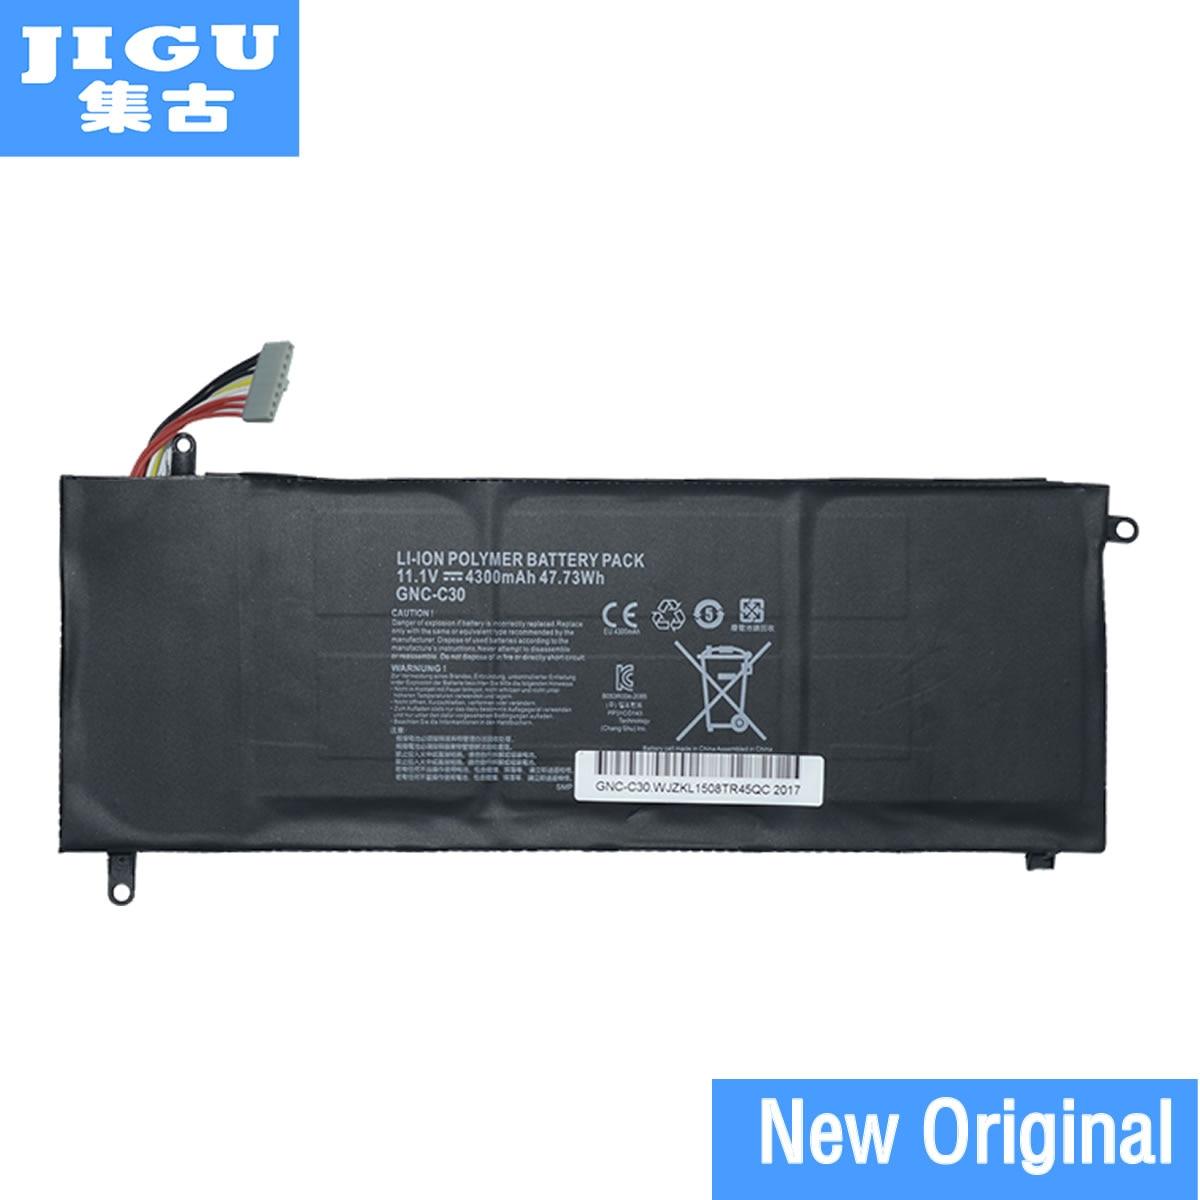 JIGU Laptop Battery 961TA002F GNC-C30 FOR GIGABYTE XMG C404 P34G V1 v2 U24 U2442 U2442D U2442F U2442N U2442S U2442V U24F U24T цены